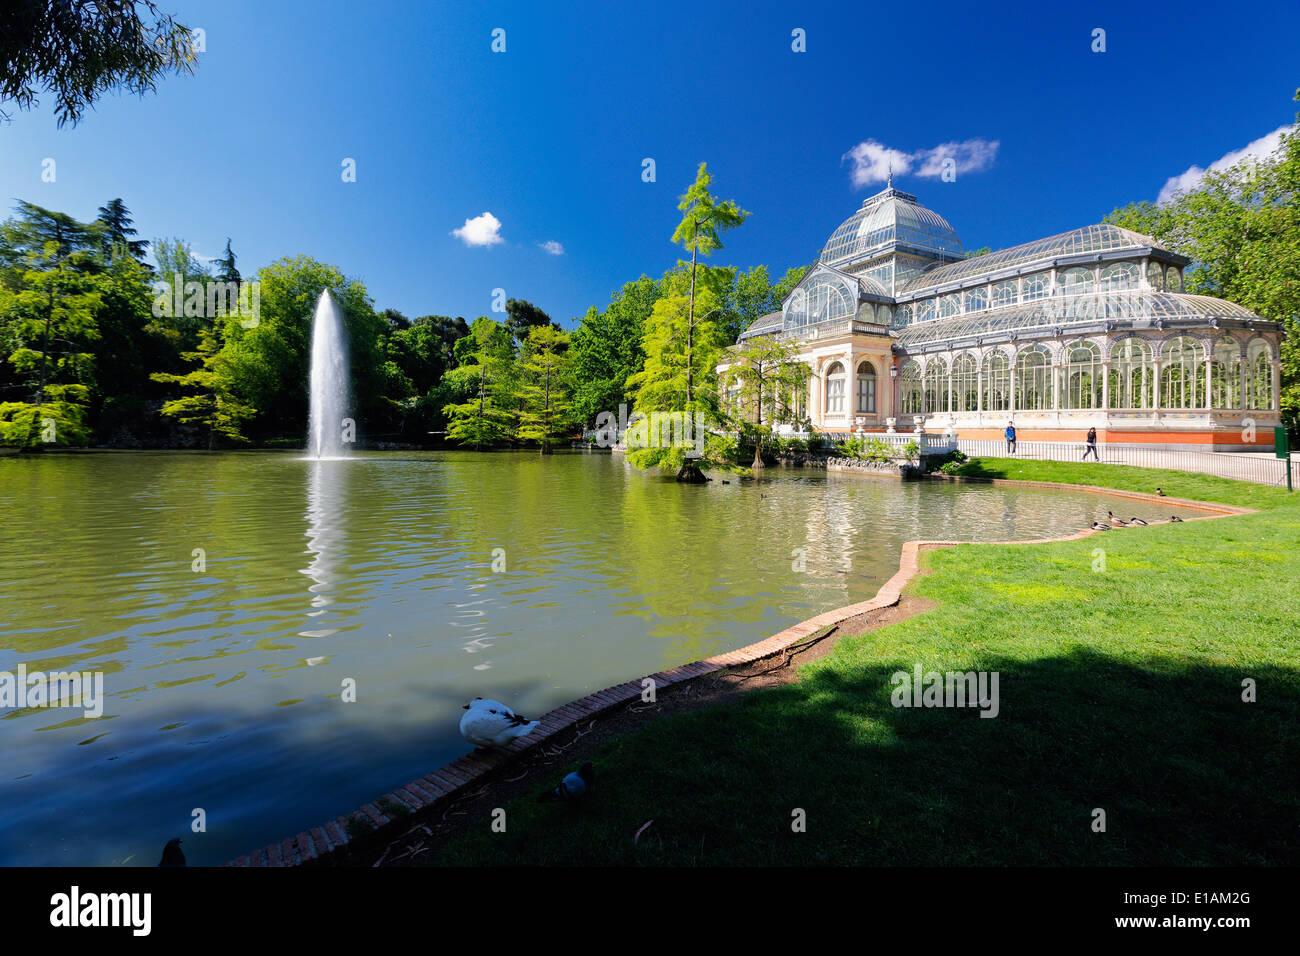 Vista del Palazzo di Cristallo del Buen Retiro Park, Madrid Spagna Immagini Stock